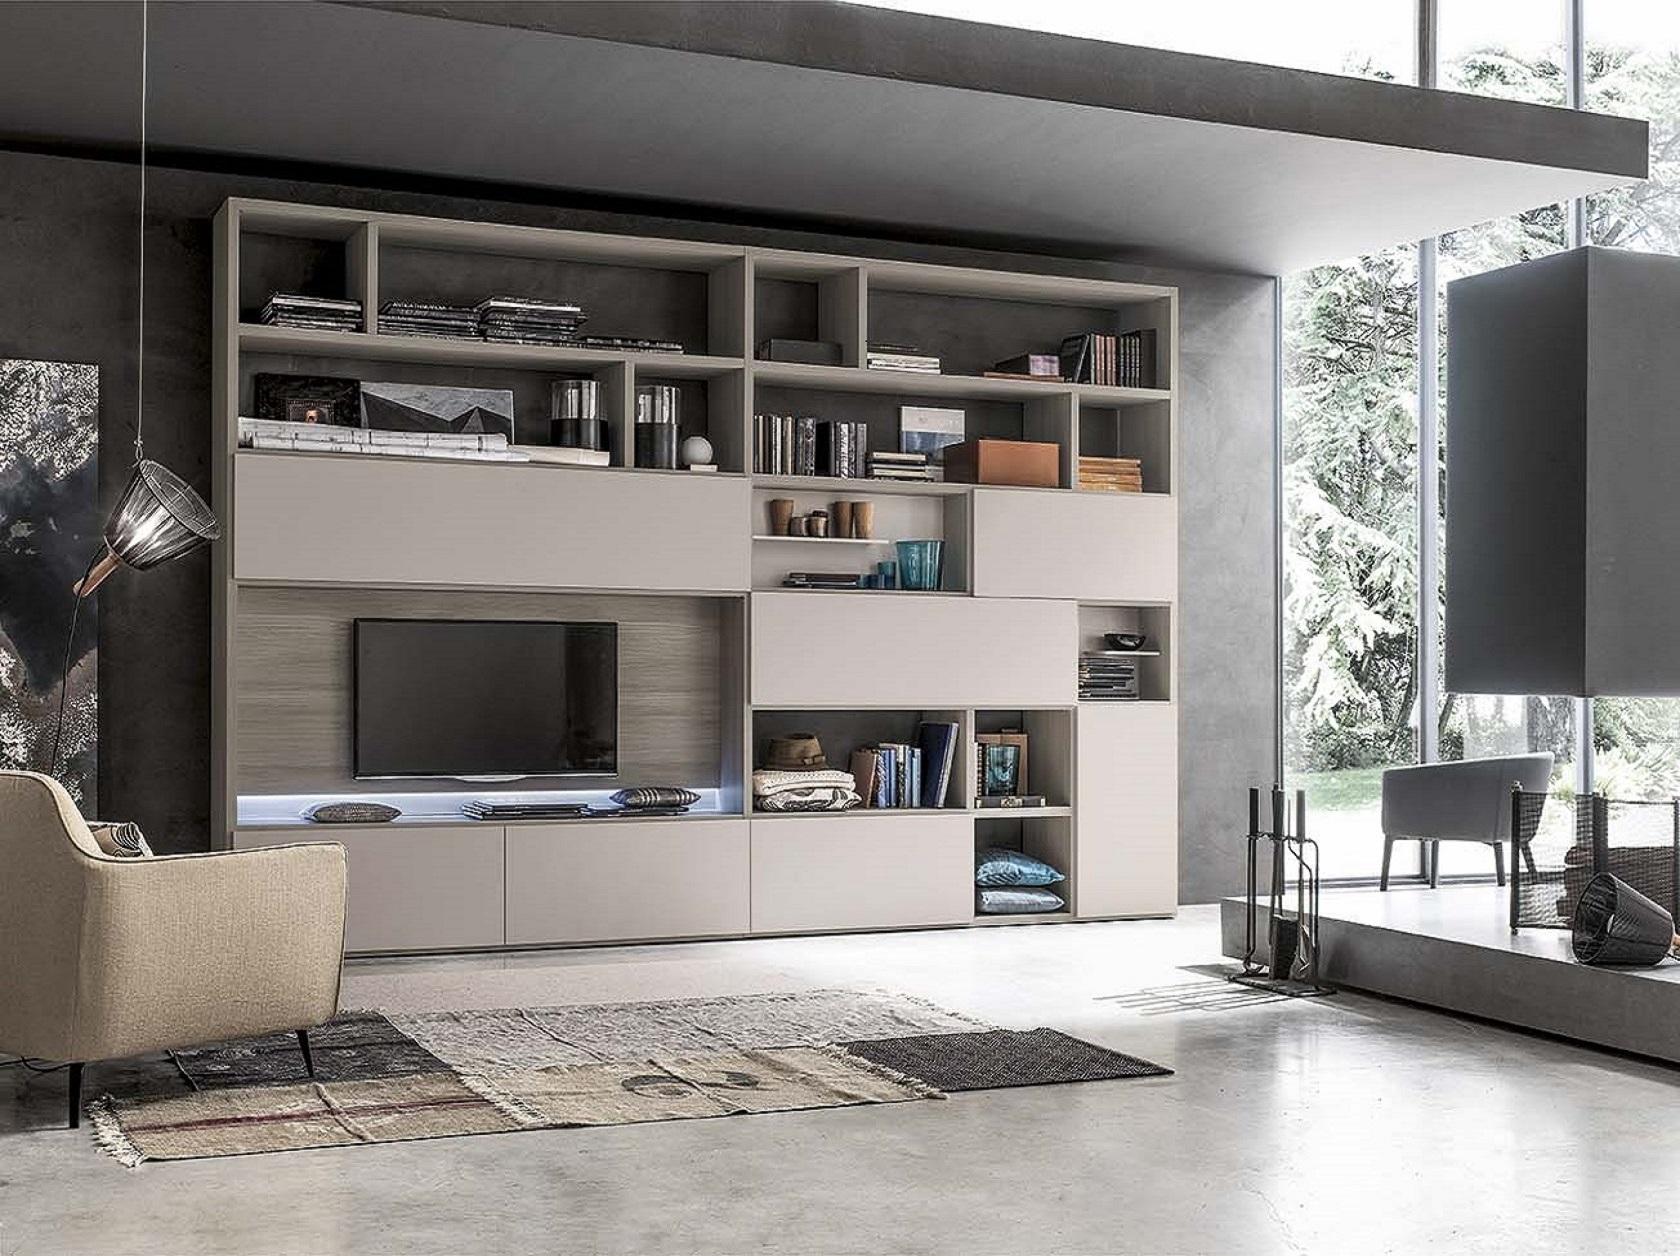 Soggiorno integra ellegi mobili for Coupon soggiorno roma